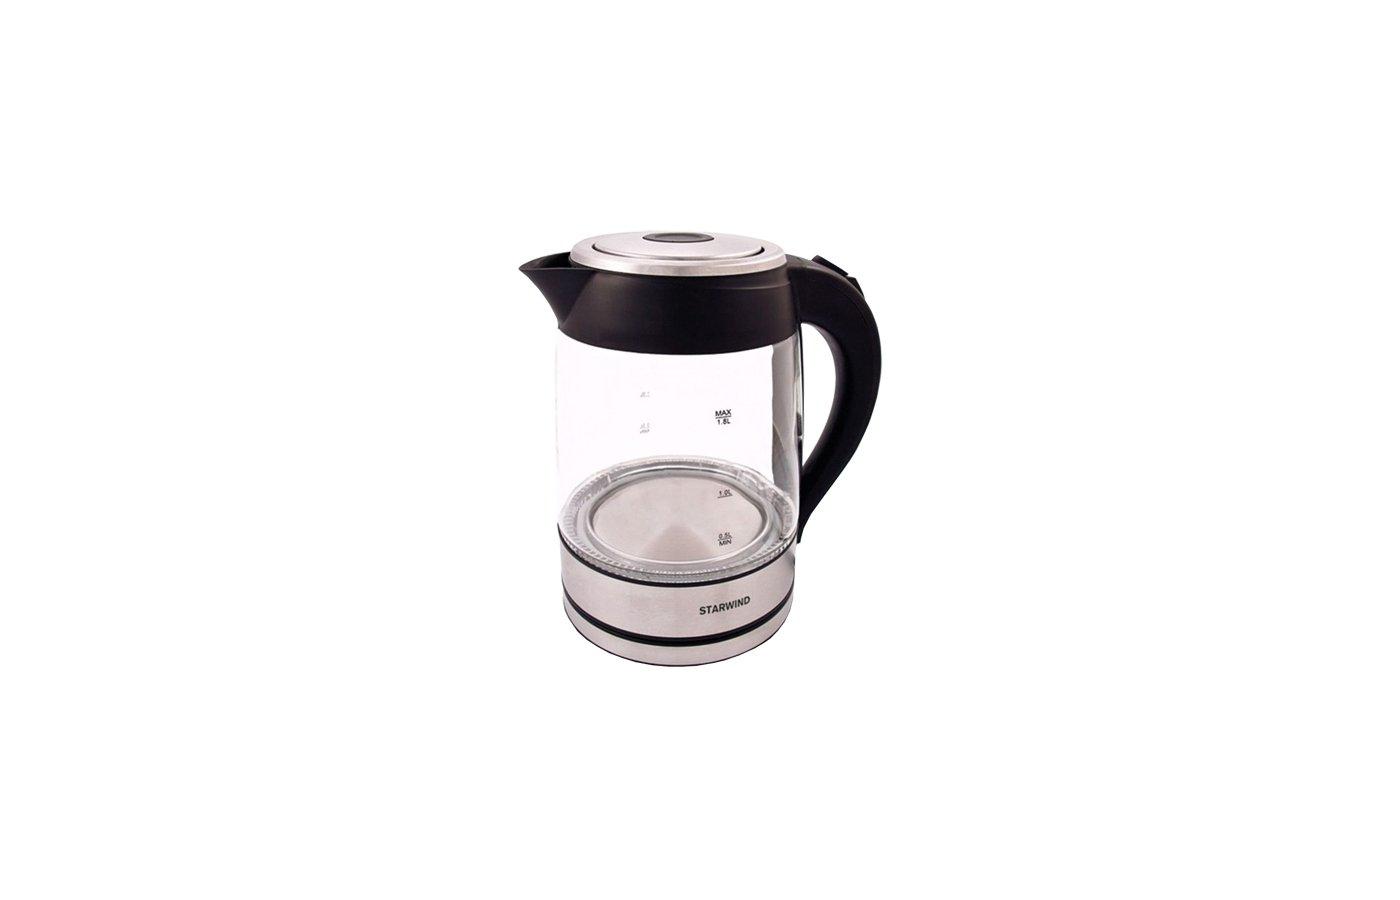 Чайник электрический  StarWind SKG 4710 серебристый/черный